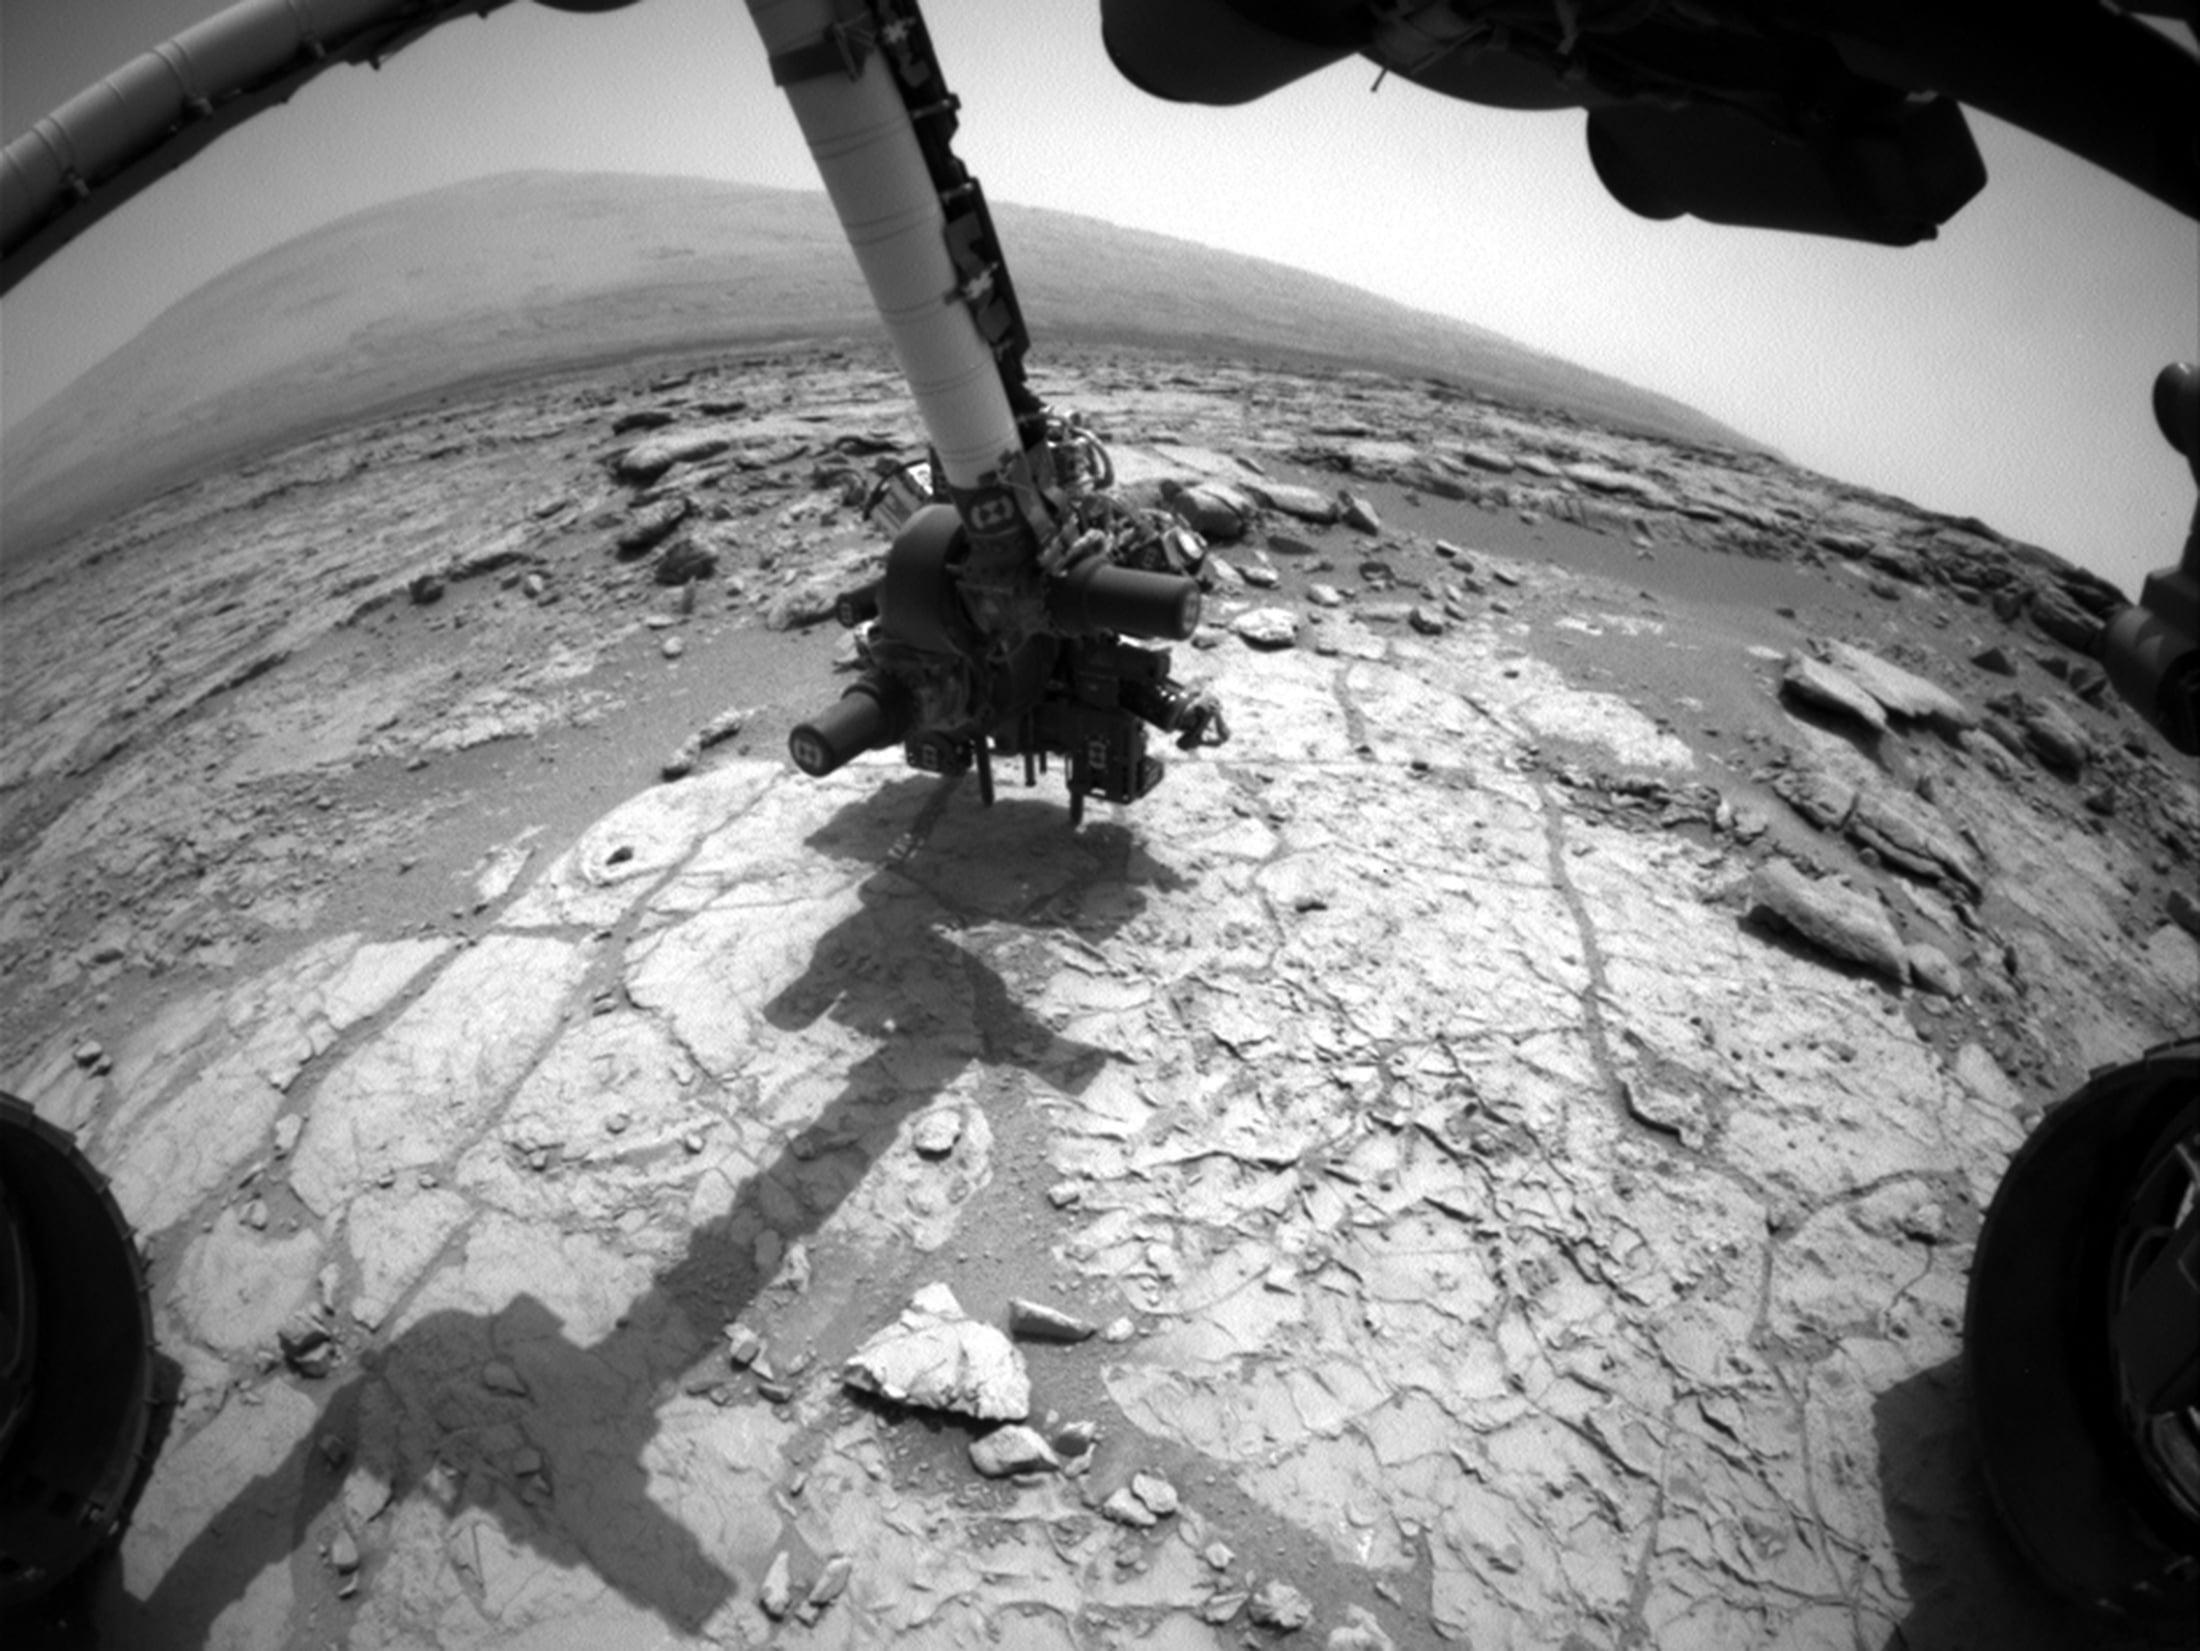 Curiosity sondaja başlamadan hemen önce (Büyütmek için tıklayın).